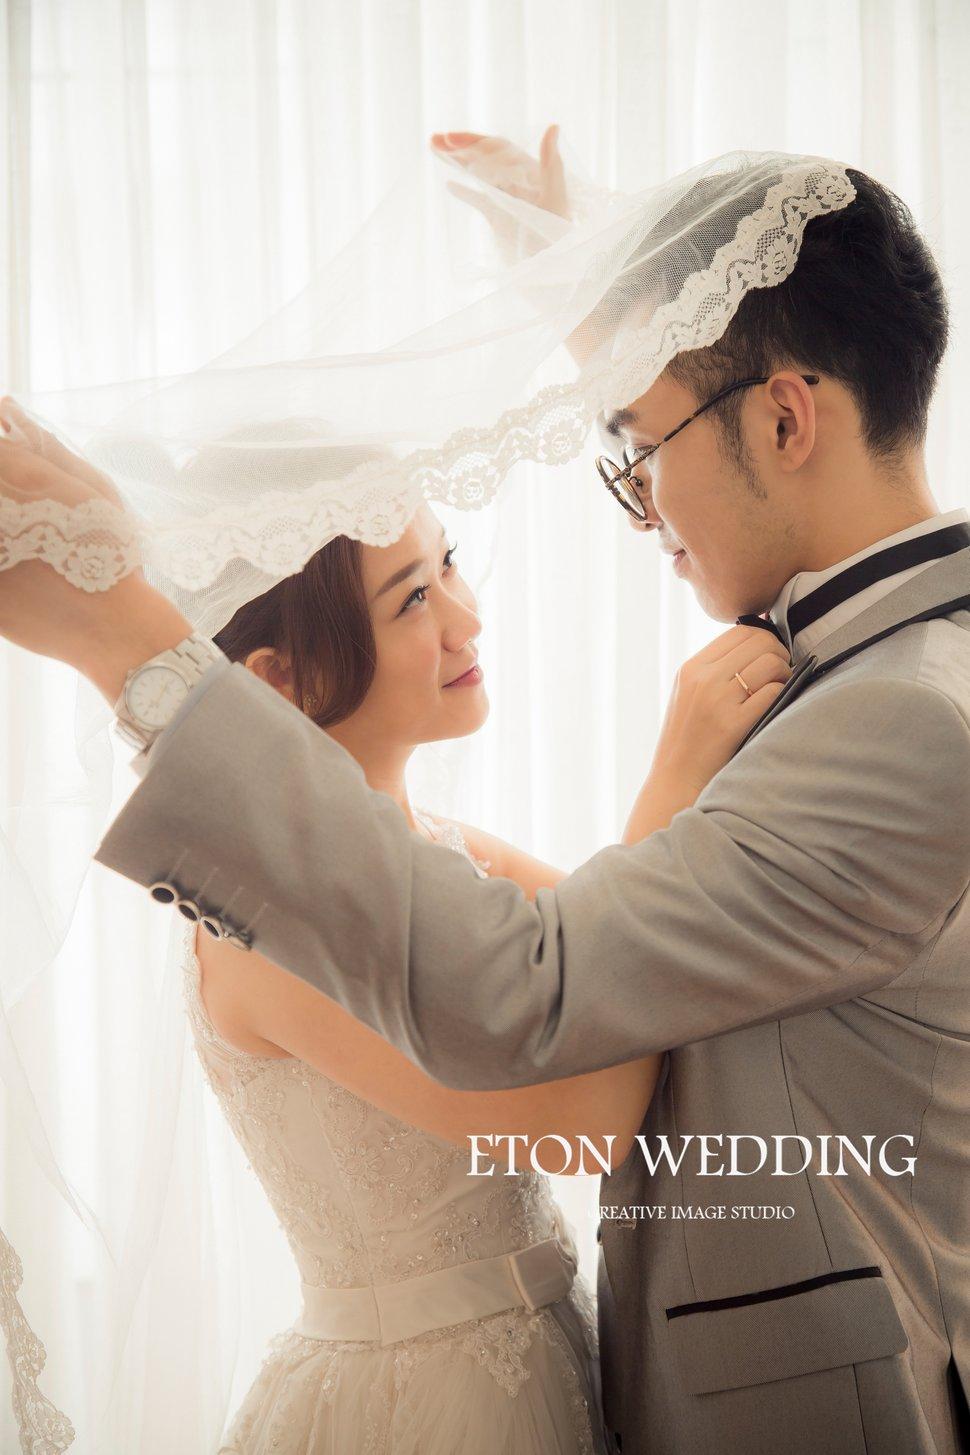 台北婚紗,伊頓自助婚紗 (19) - 伊頓自助婚紗攝影工作室(新北板橋店)《結婚吧》